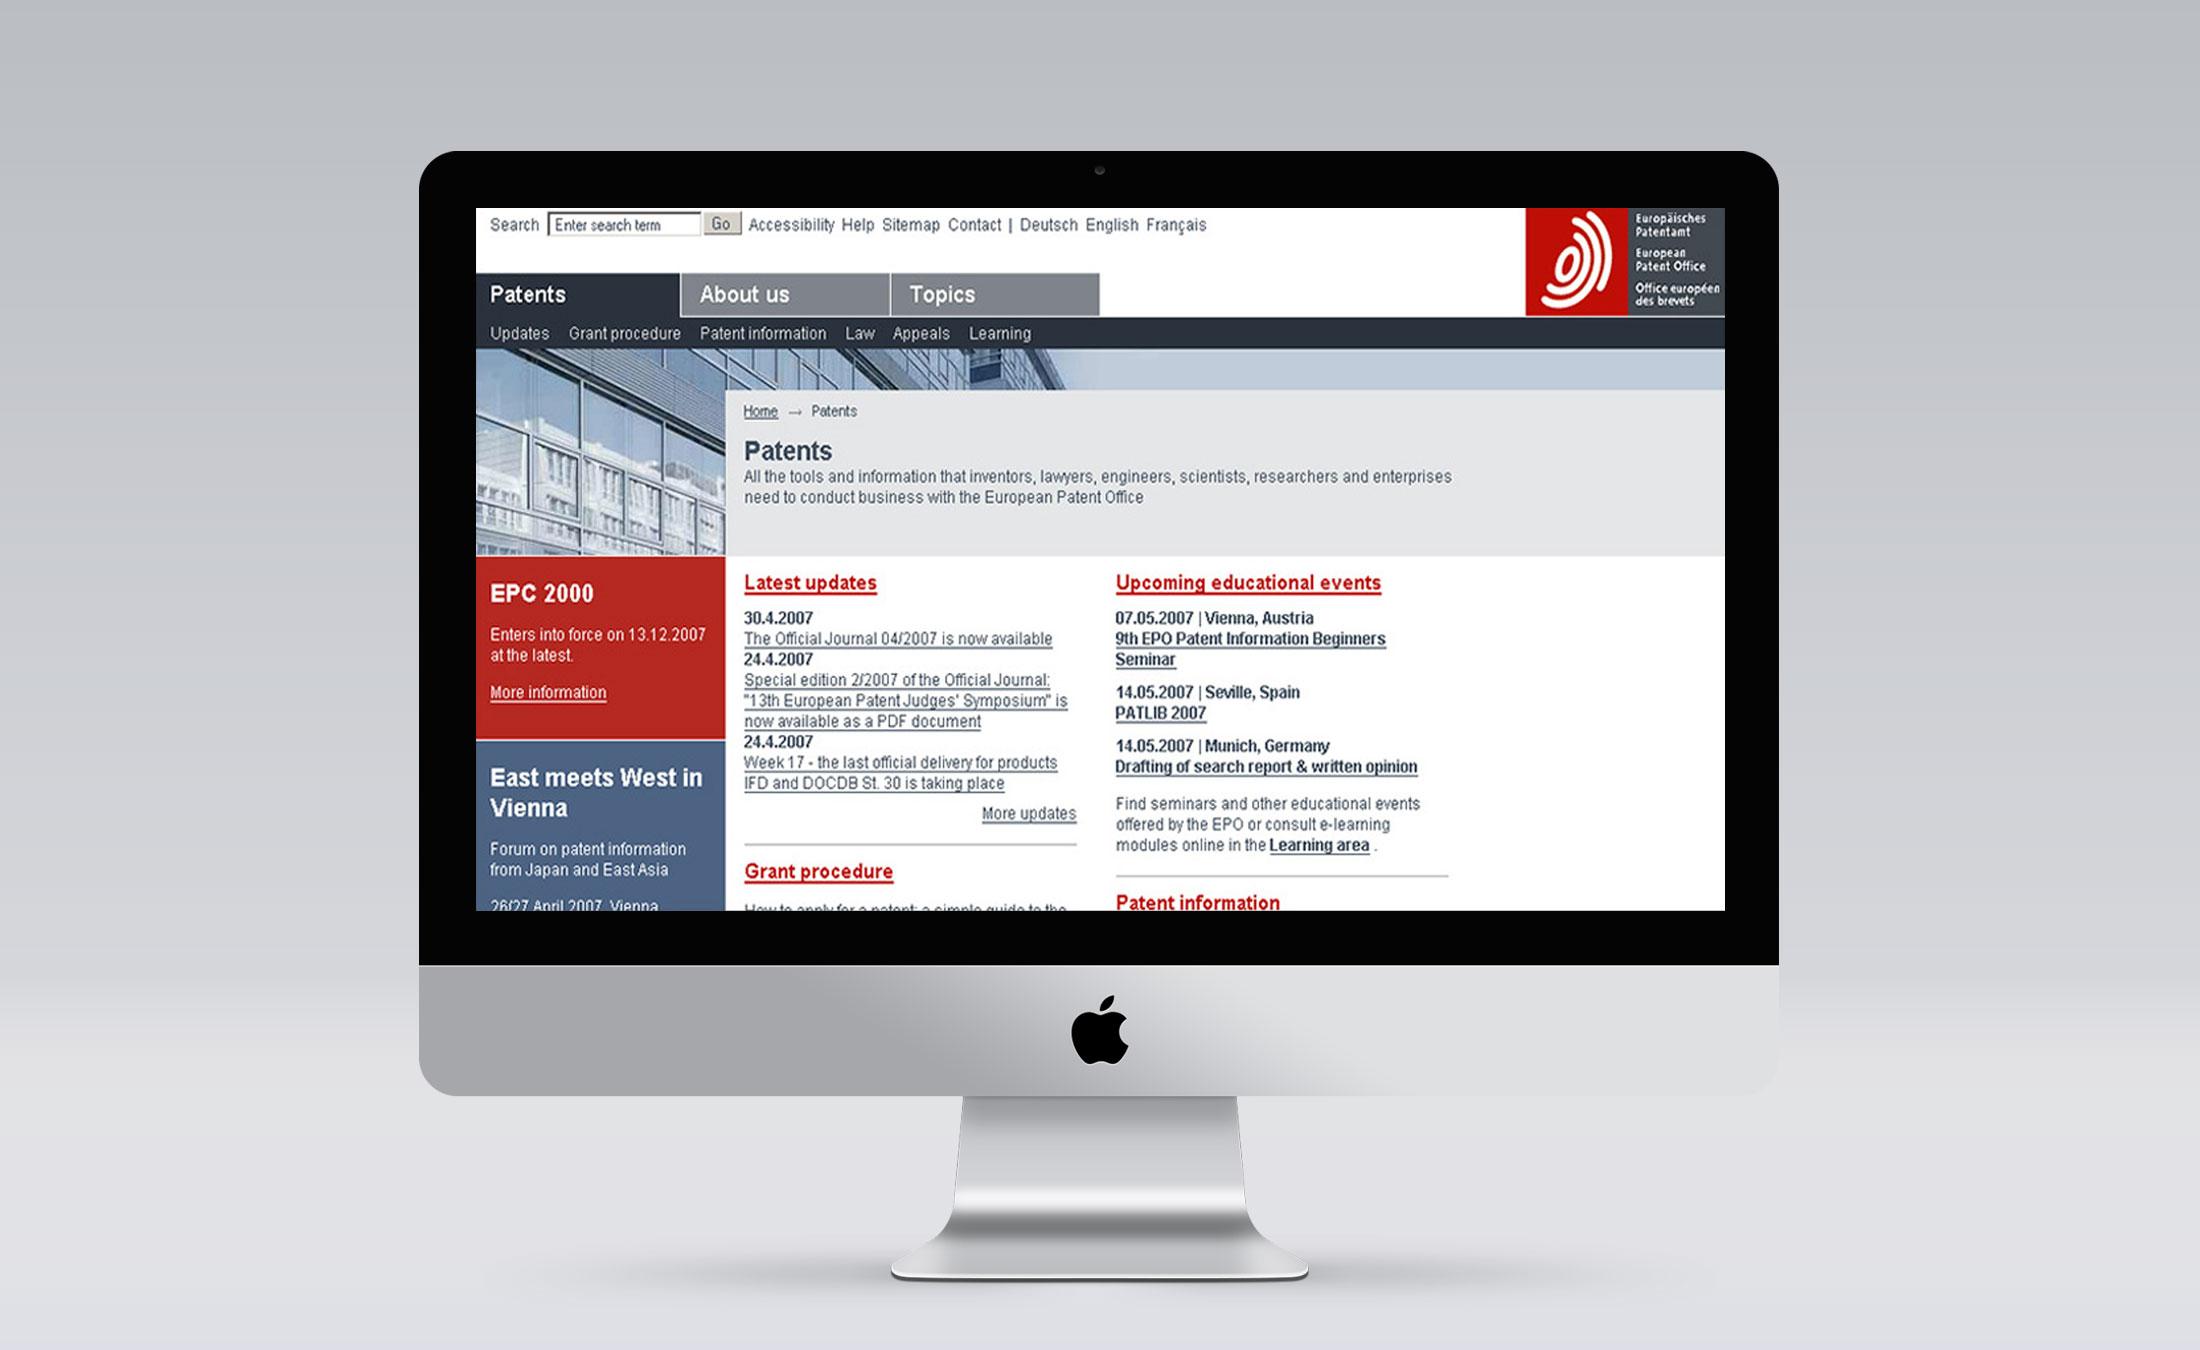 Europaeisches Patentamt Screen 2